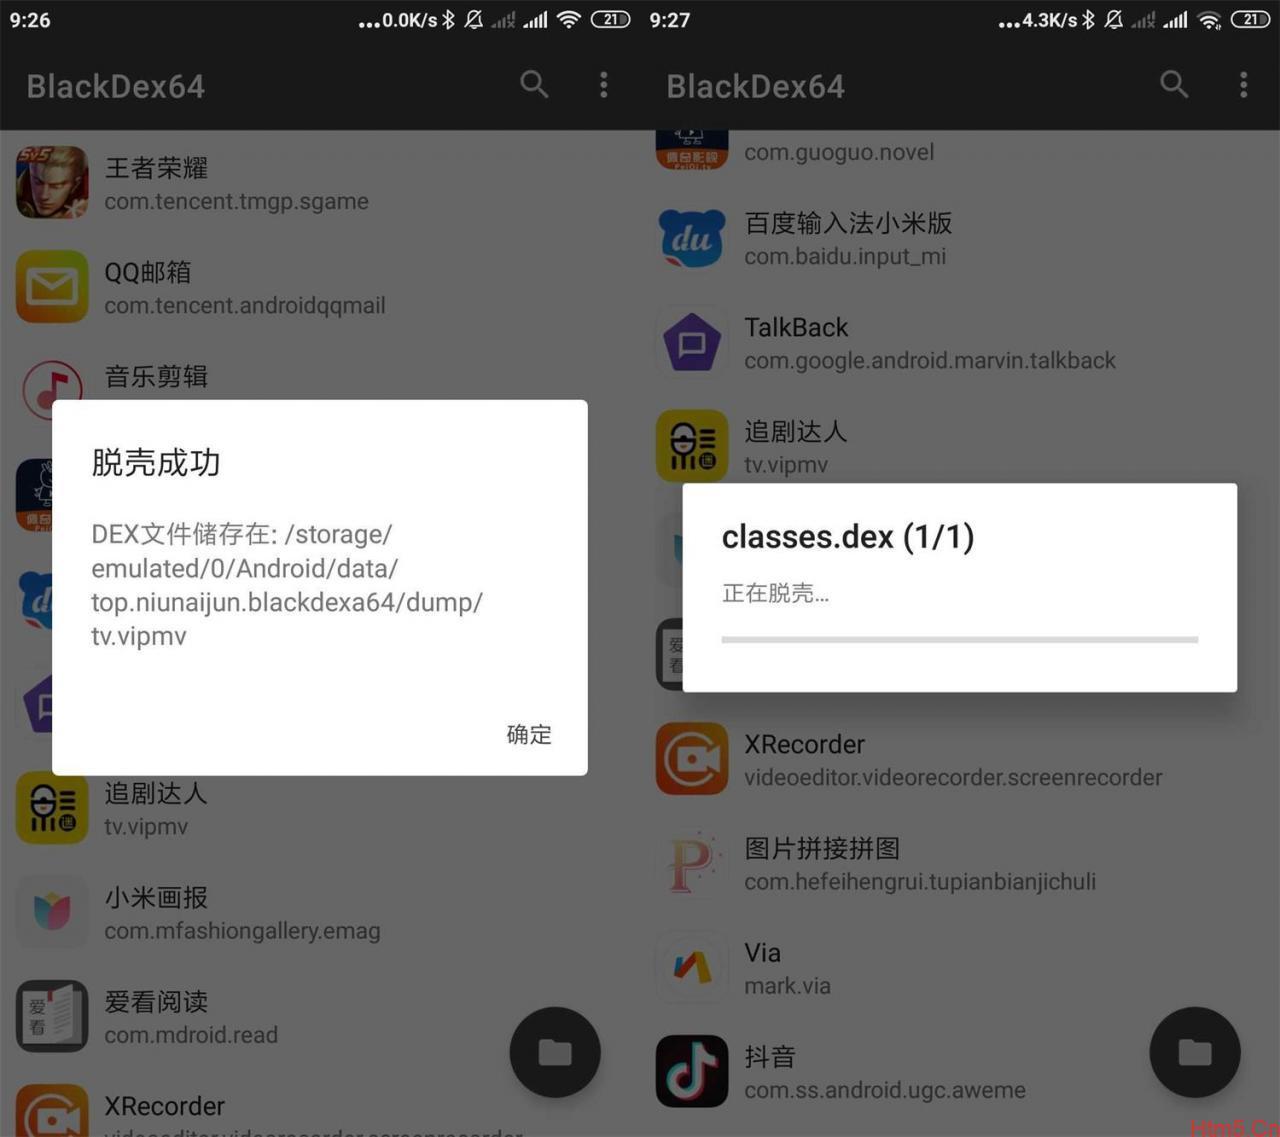 BlackDex v3.1.0安卓应用脱壳